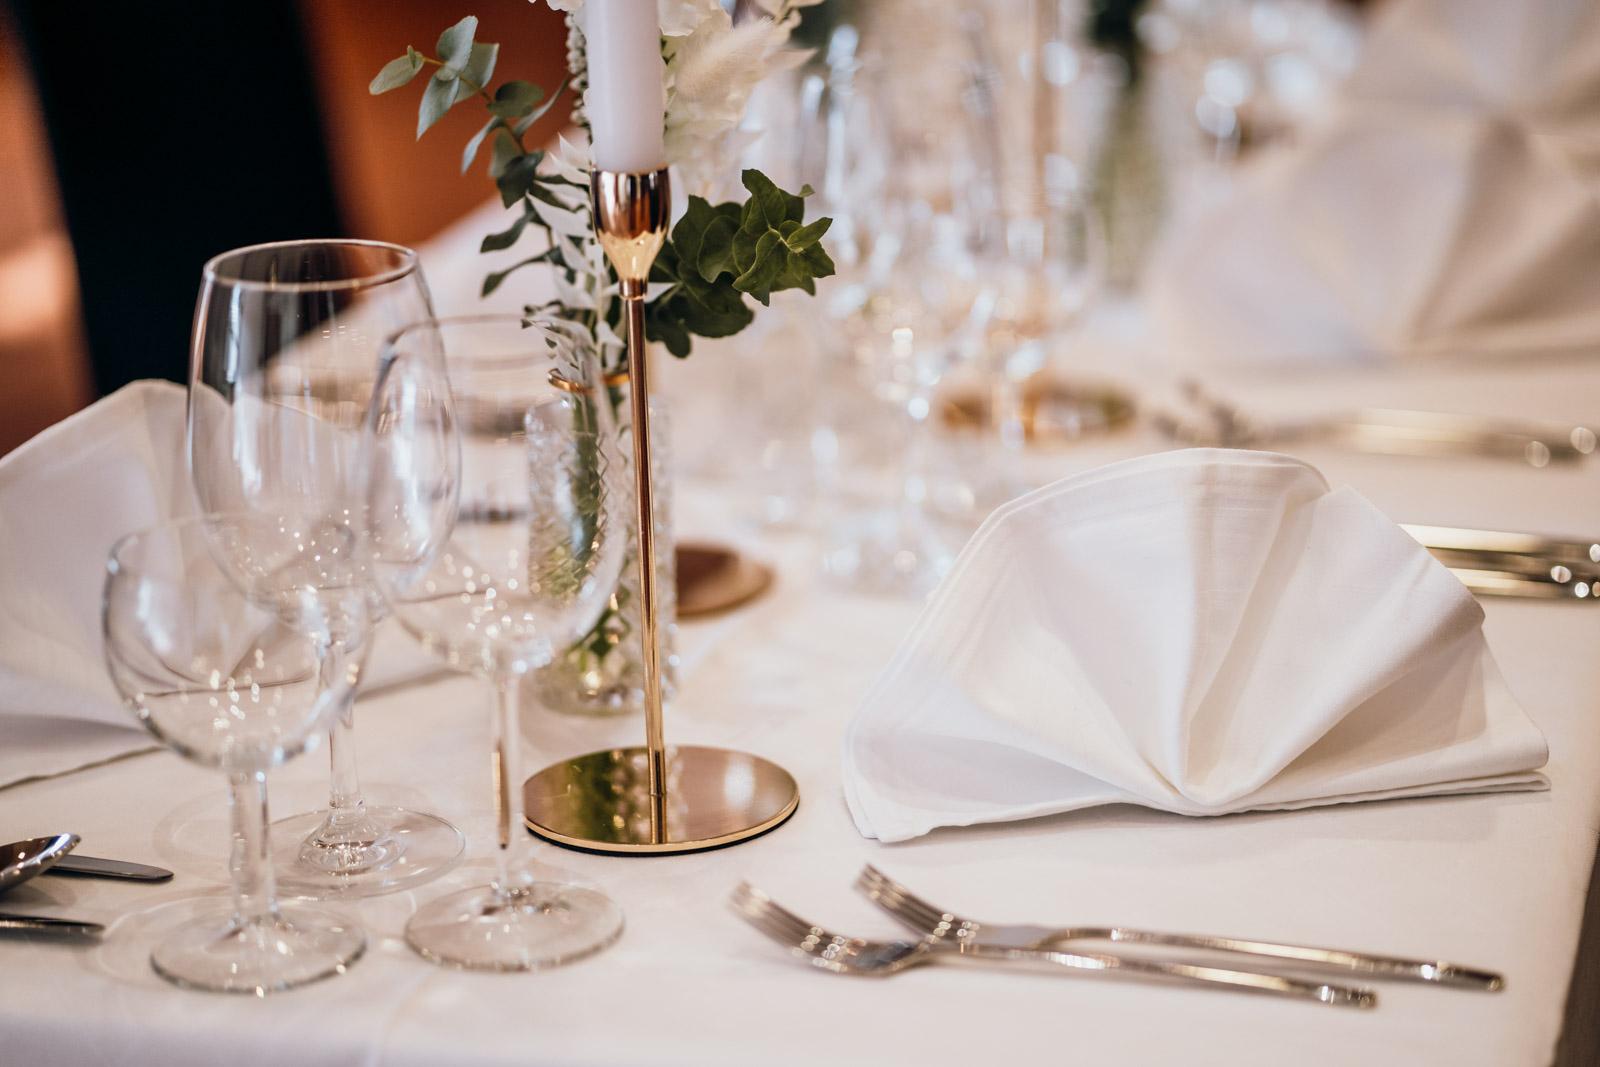 Hochzeitsdinner im Ballsaal